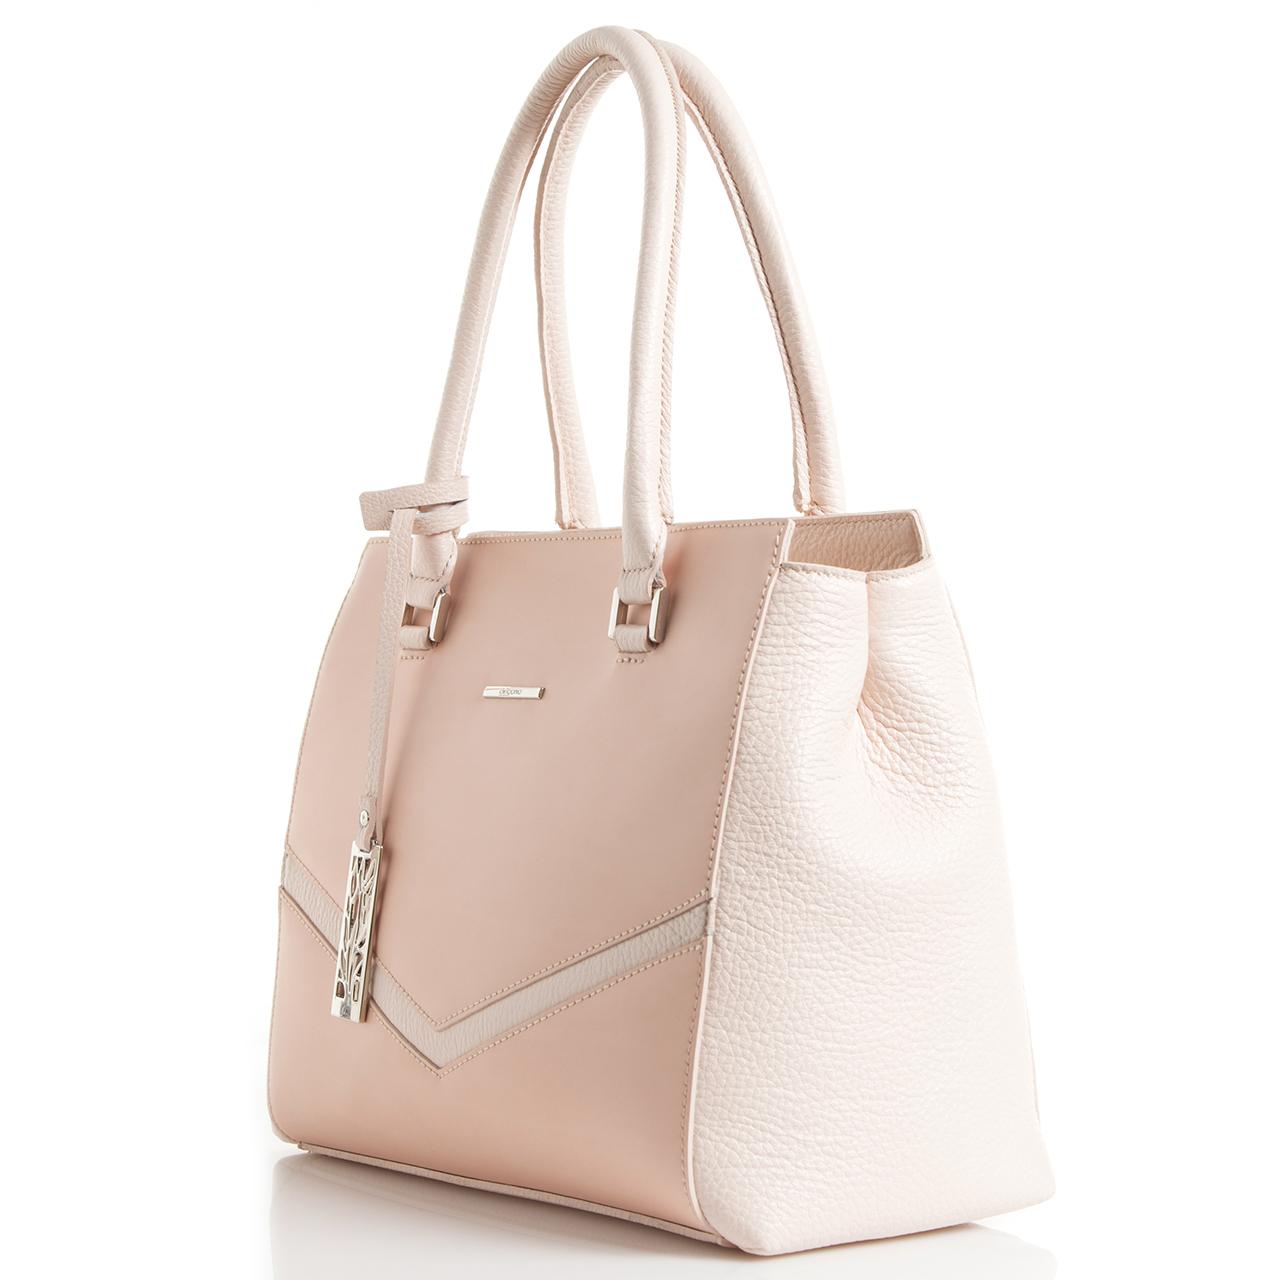 80c22bd9b668 Кожаные сумки купить в интернет-магазине Домани (Domani)